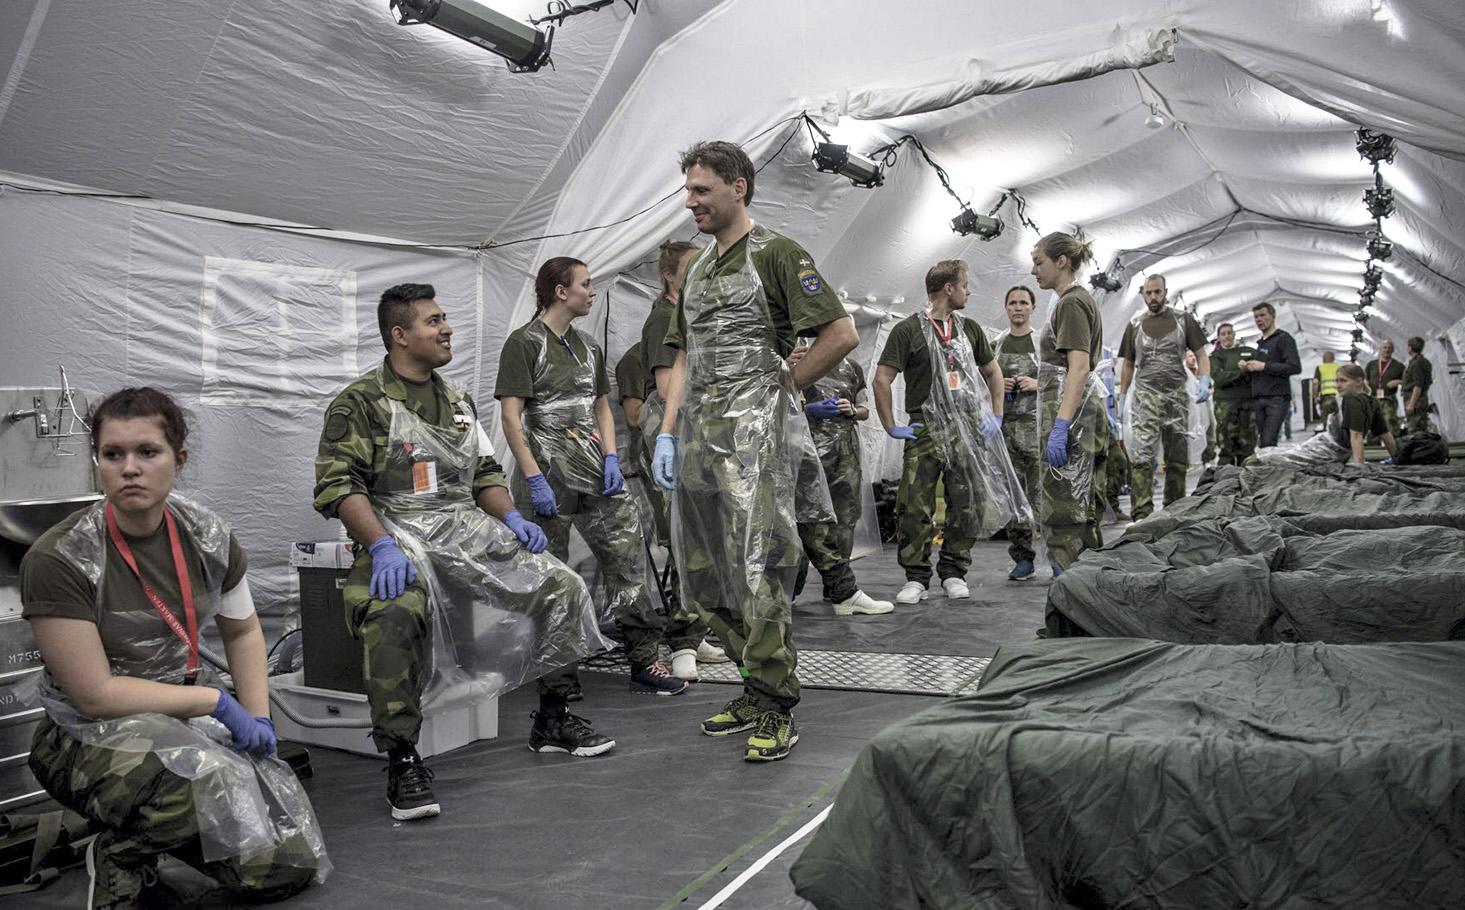 Försvarsmakten planerar flera fältsjukhus. Först byggs ett med 30 intensivvårdsplatser utanför Stockholmsmässan i Älvsjö utanför Stockholm. Bilden från ett fältsjukhus under övningen Aurora 17. Foto: Jimmy Croona/Försvarsmakten